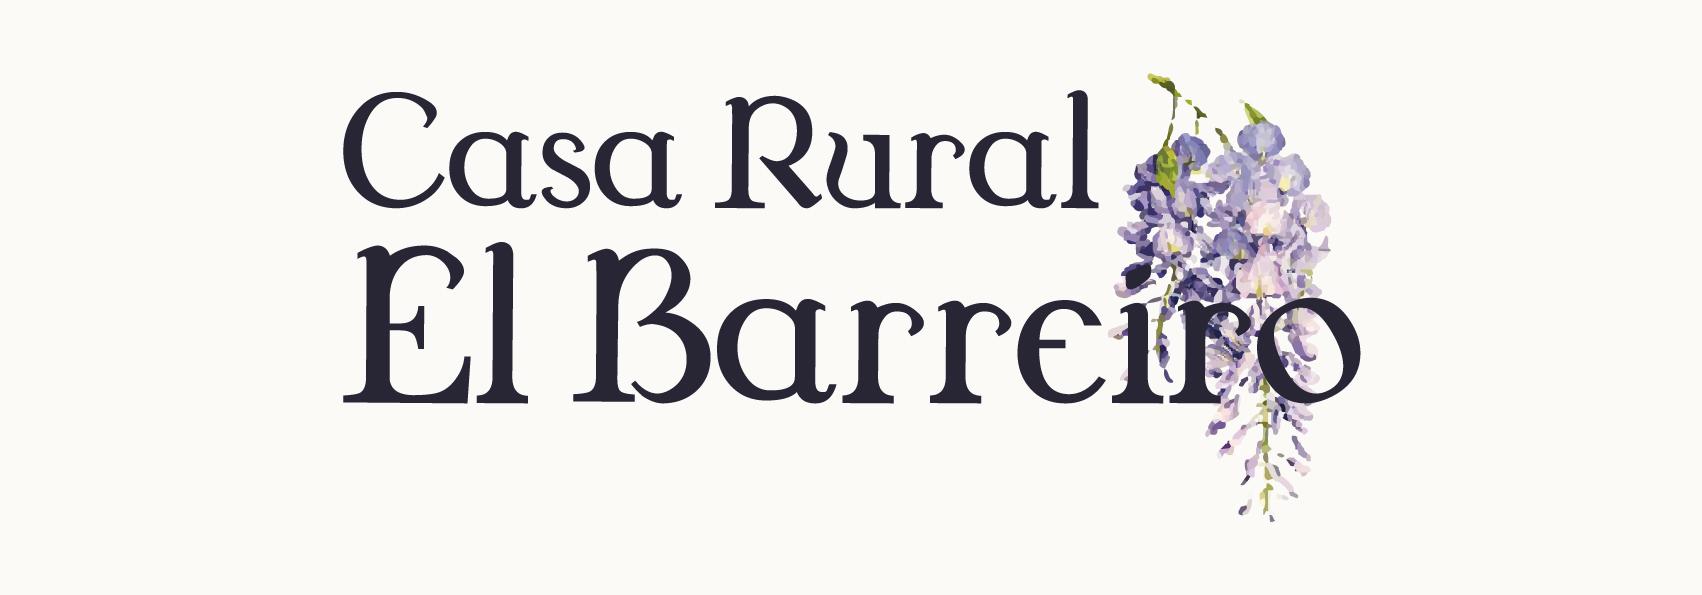 Casa Rural El Barreiro